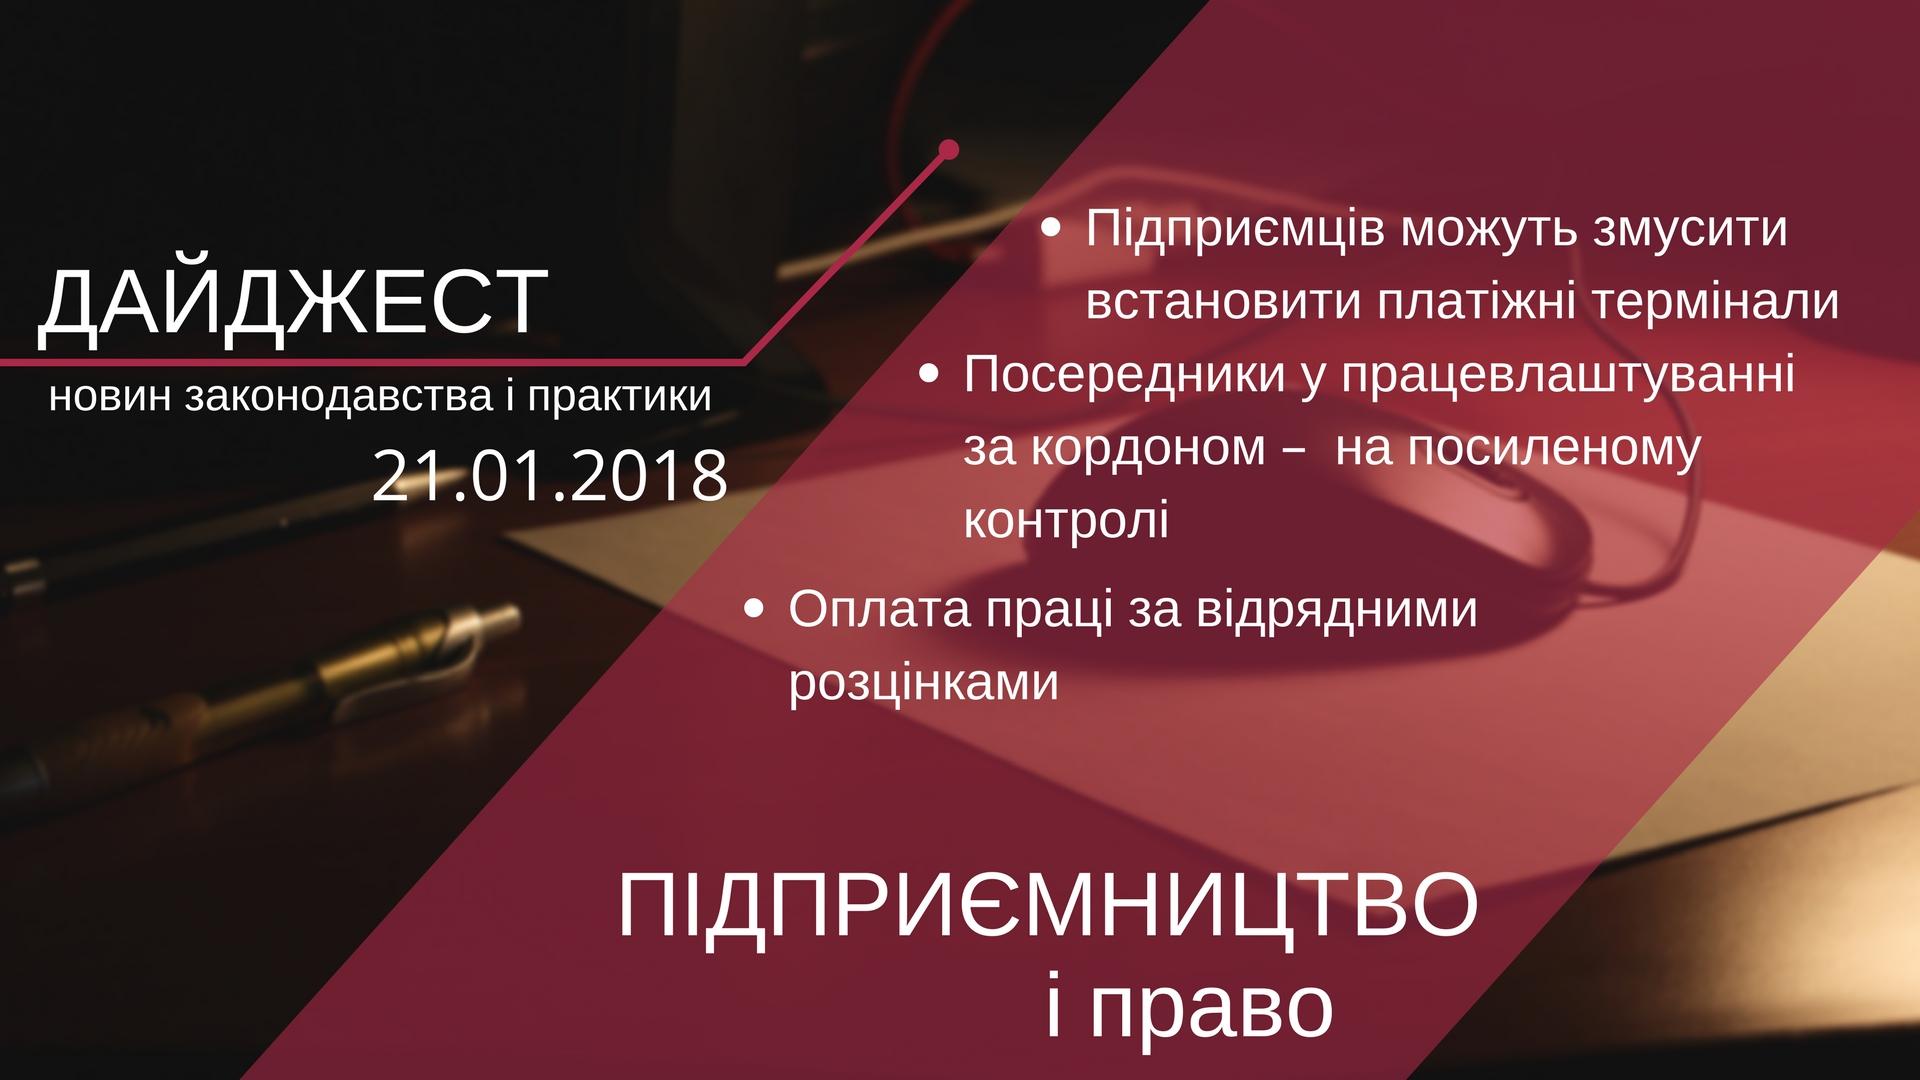 Дайджест нoвин «Підприємництво і право» за періoд з 15.01.2018 пo 21.01.2018